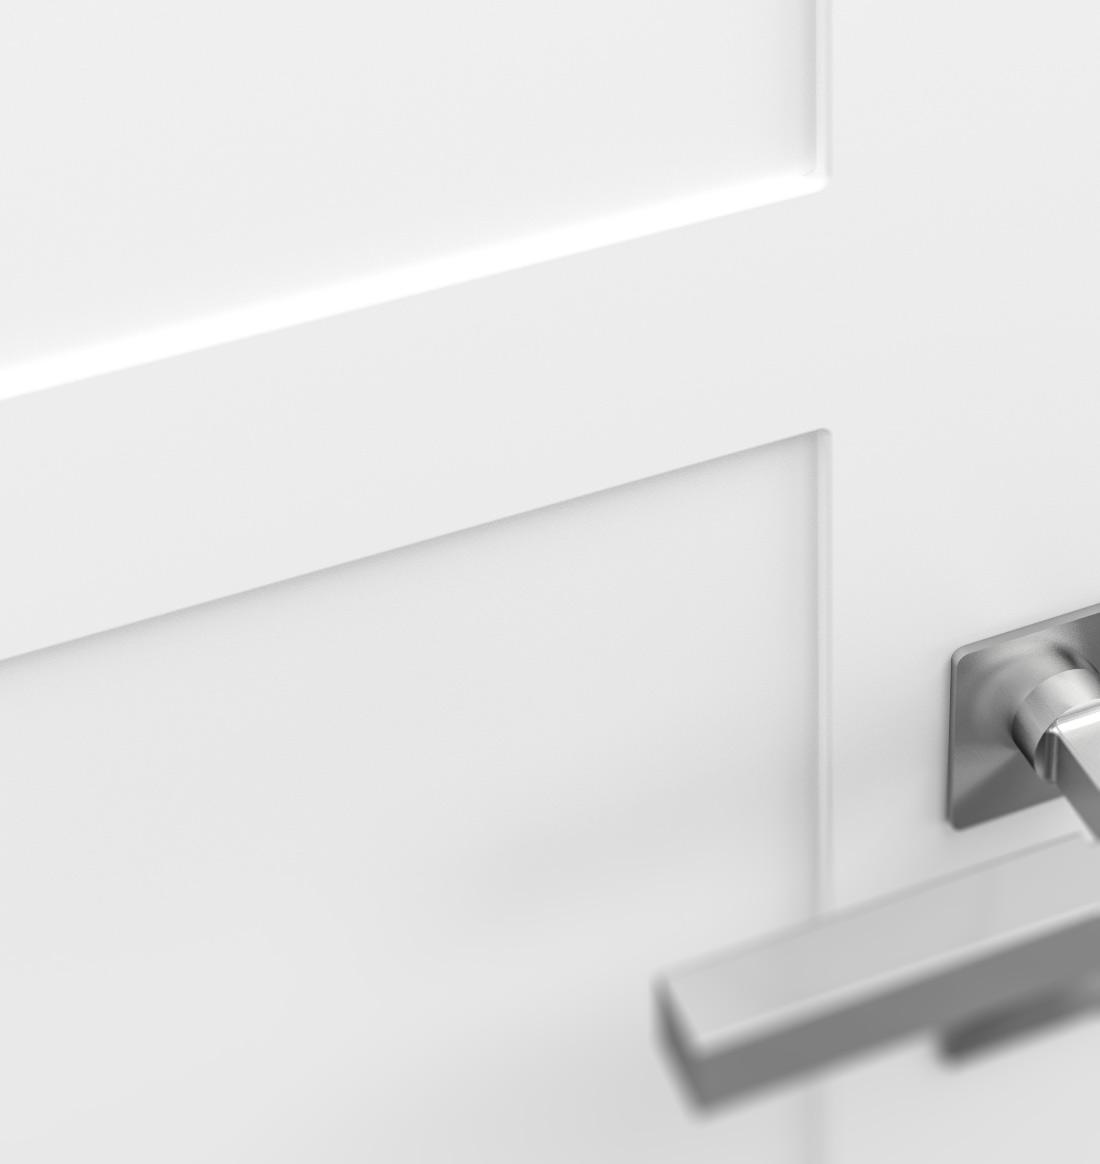 Türzarge detail  Köhnlein Türen: Köhnlein Türen: Türen von Köhnlein: Innentüren ...